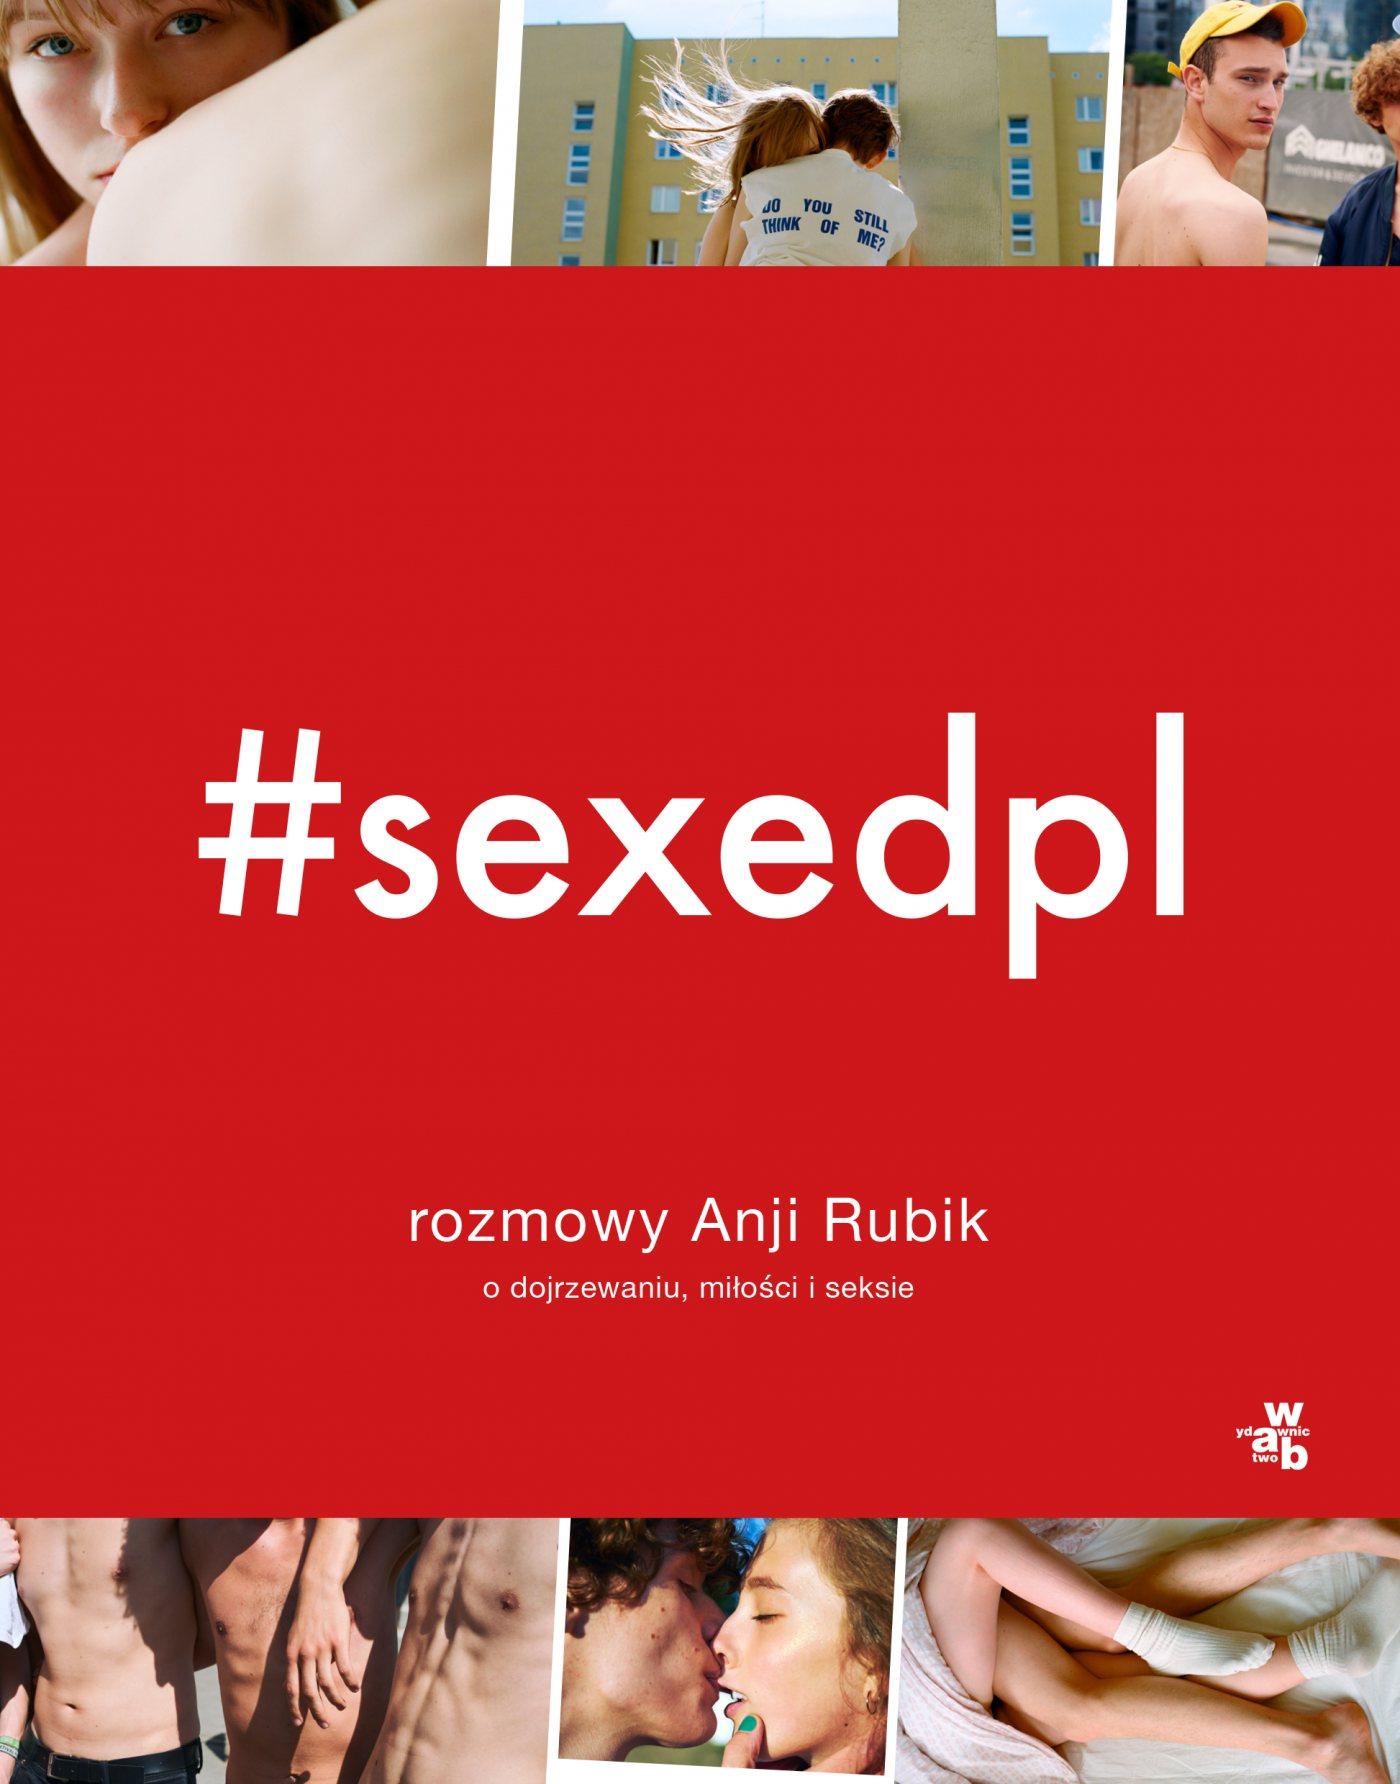 #SEXEDPL. Rozmowy Anji Rubik o dojrzewaniu, miłości i seksie - Ebook (Książka PDF) do pobrania w formacie PDF